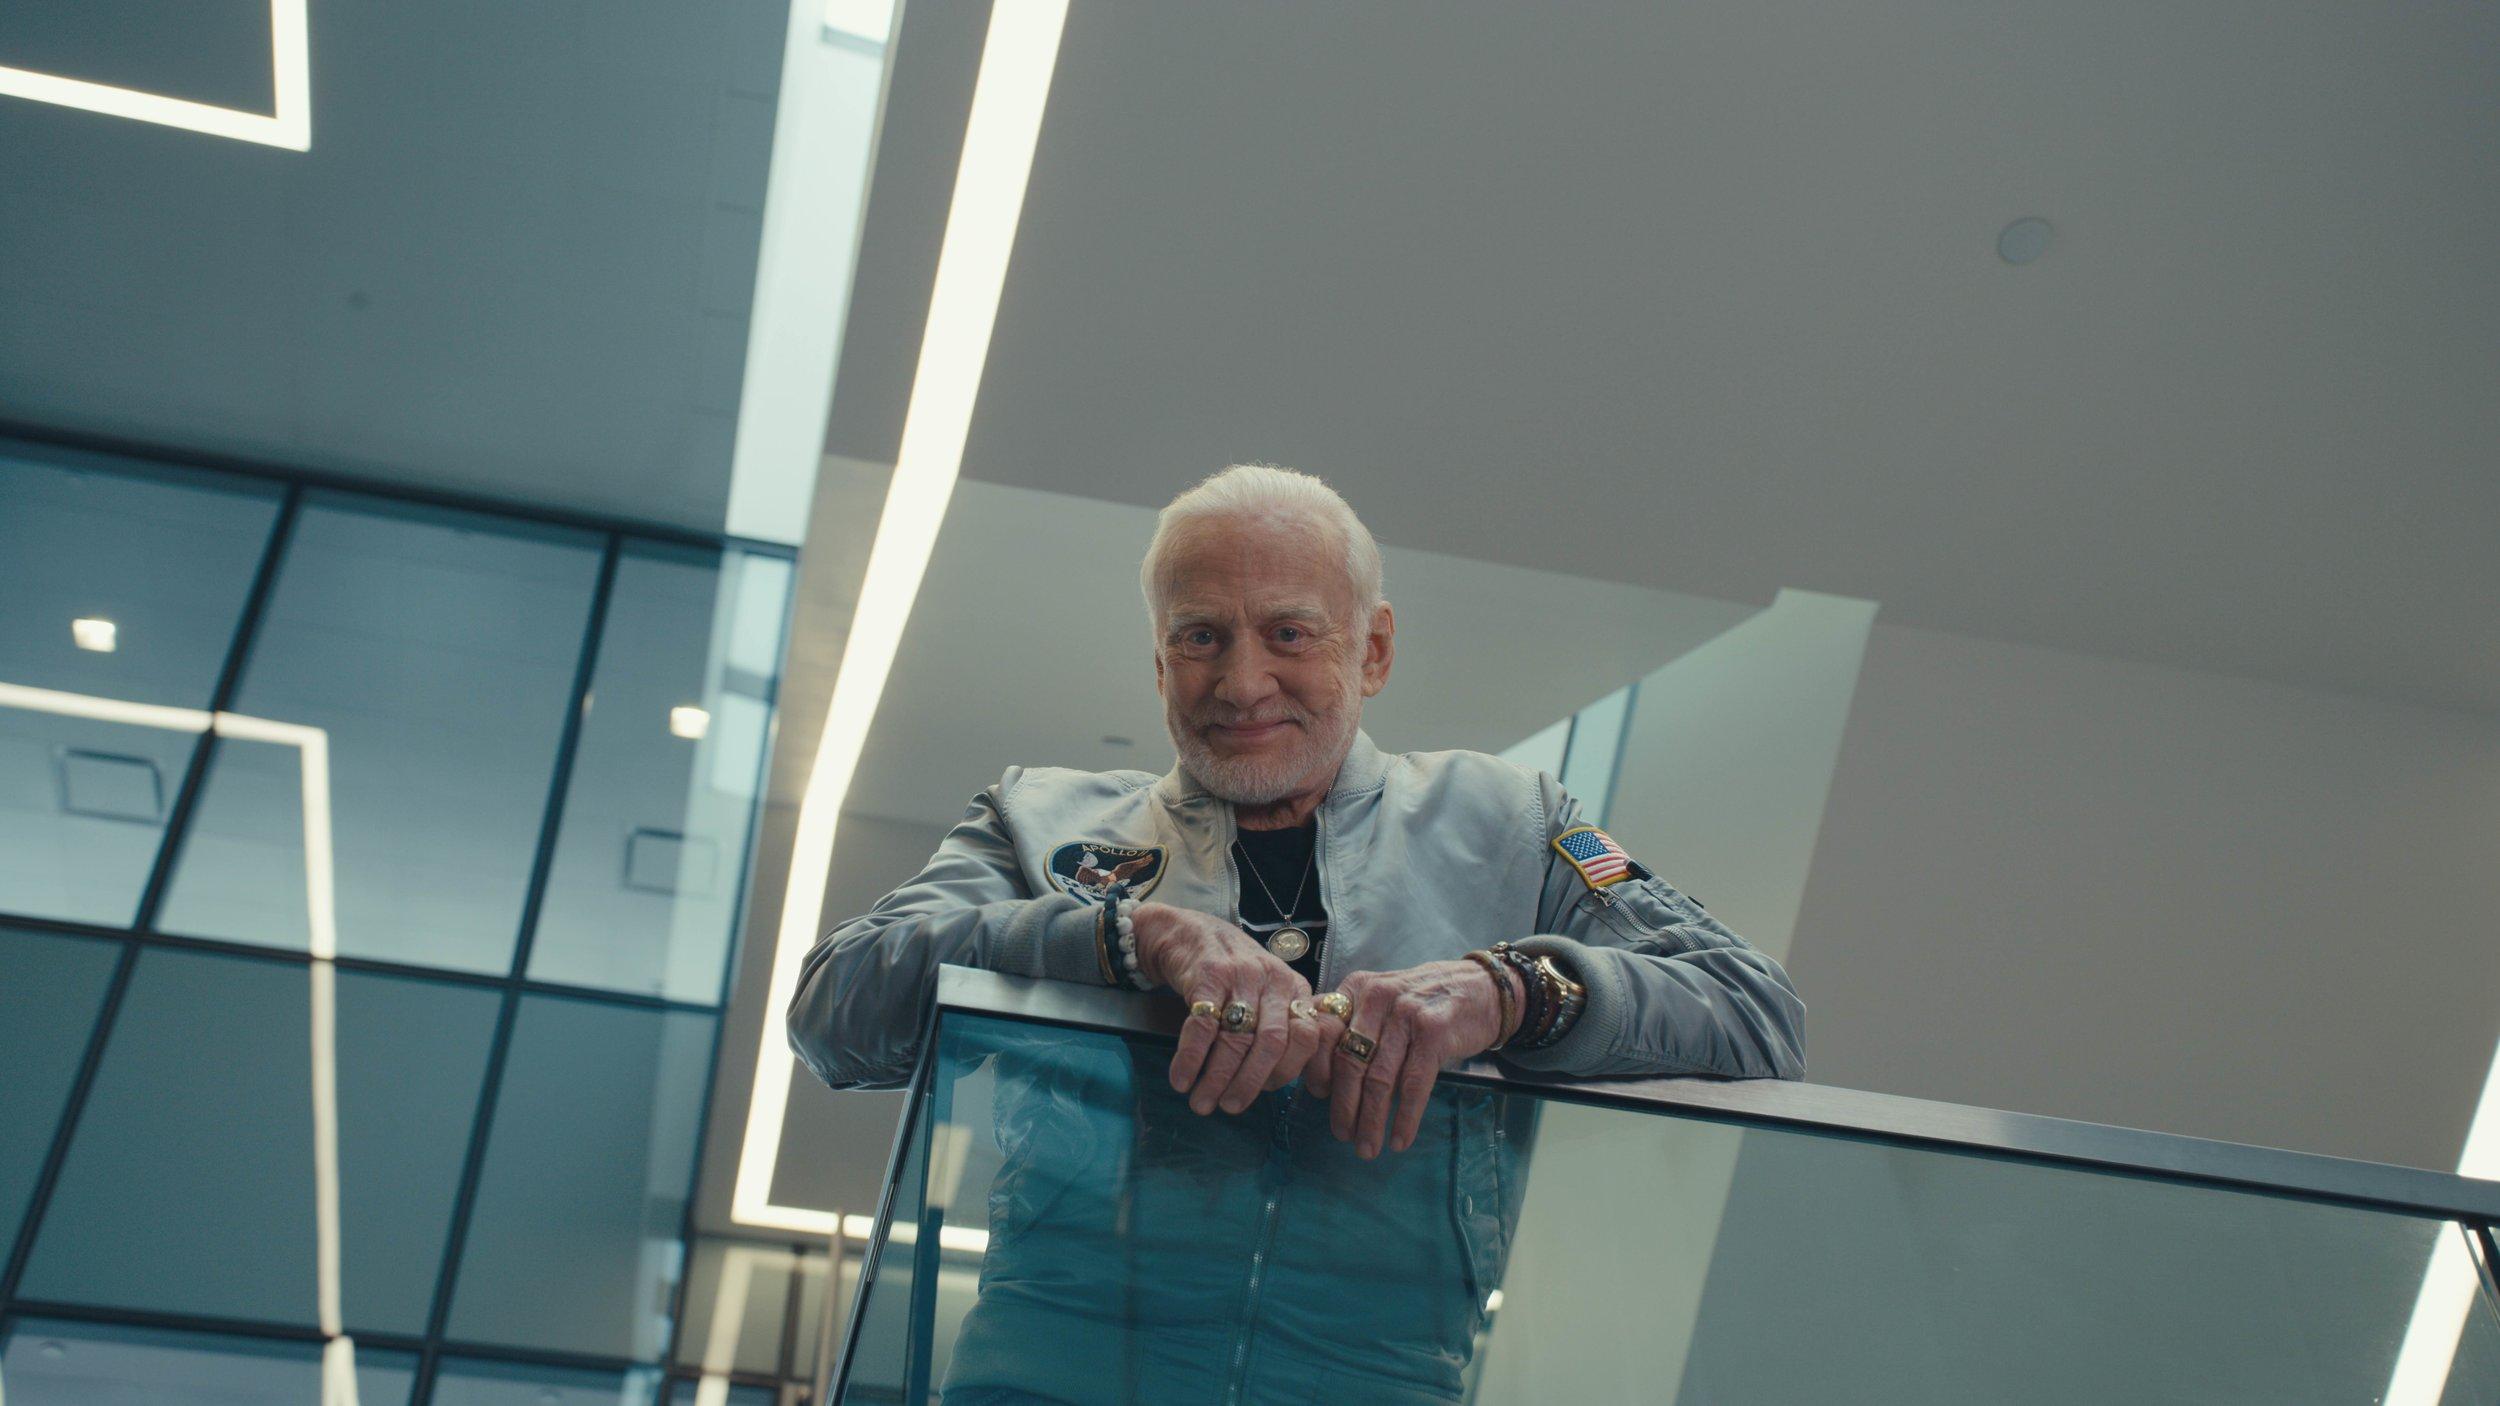 Buzz_Aldrin_7680x4320_small.jpg